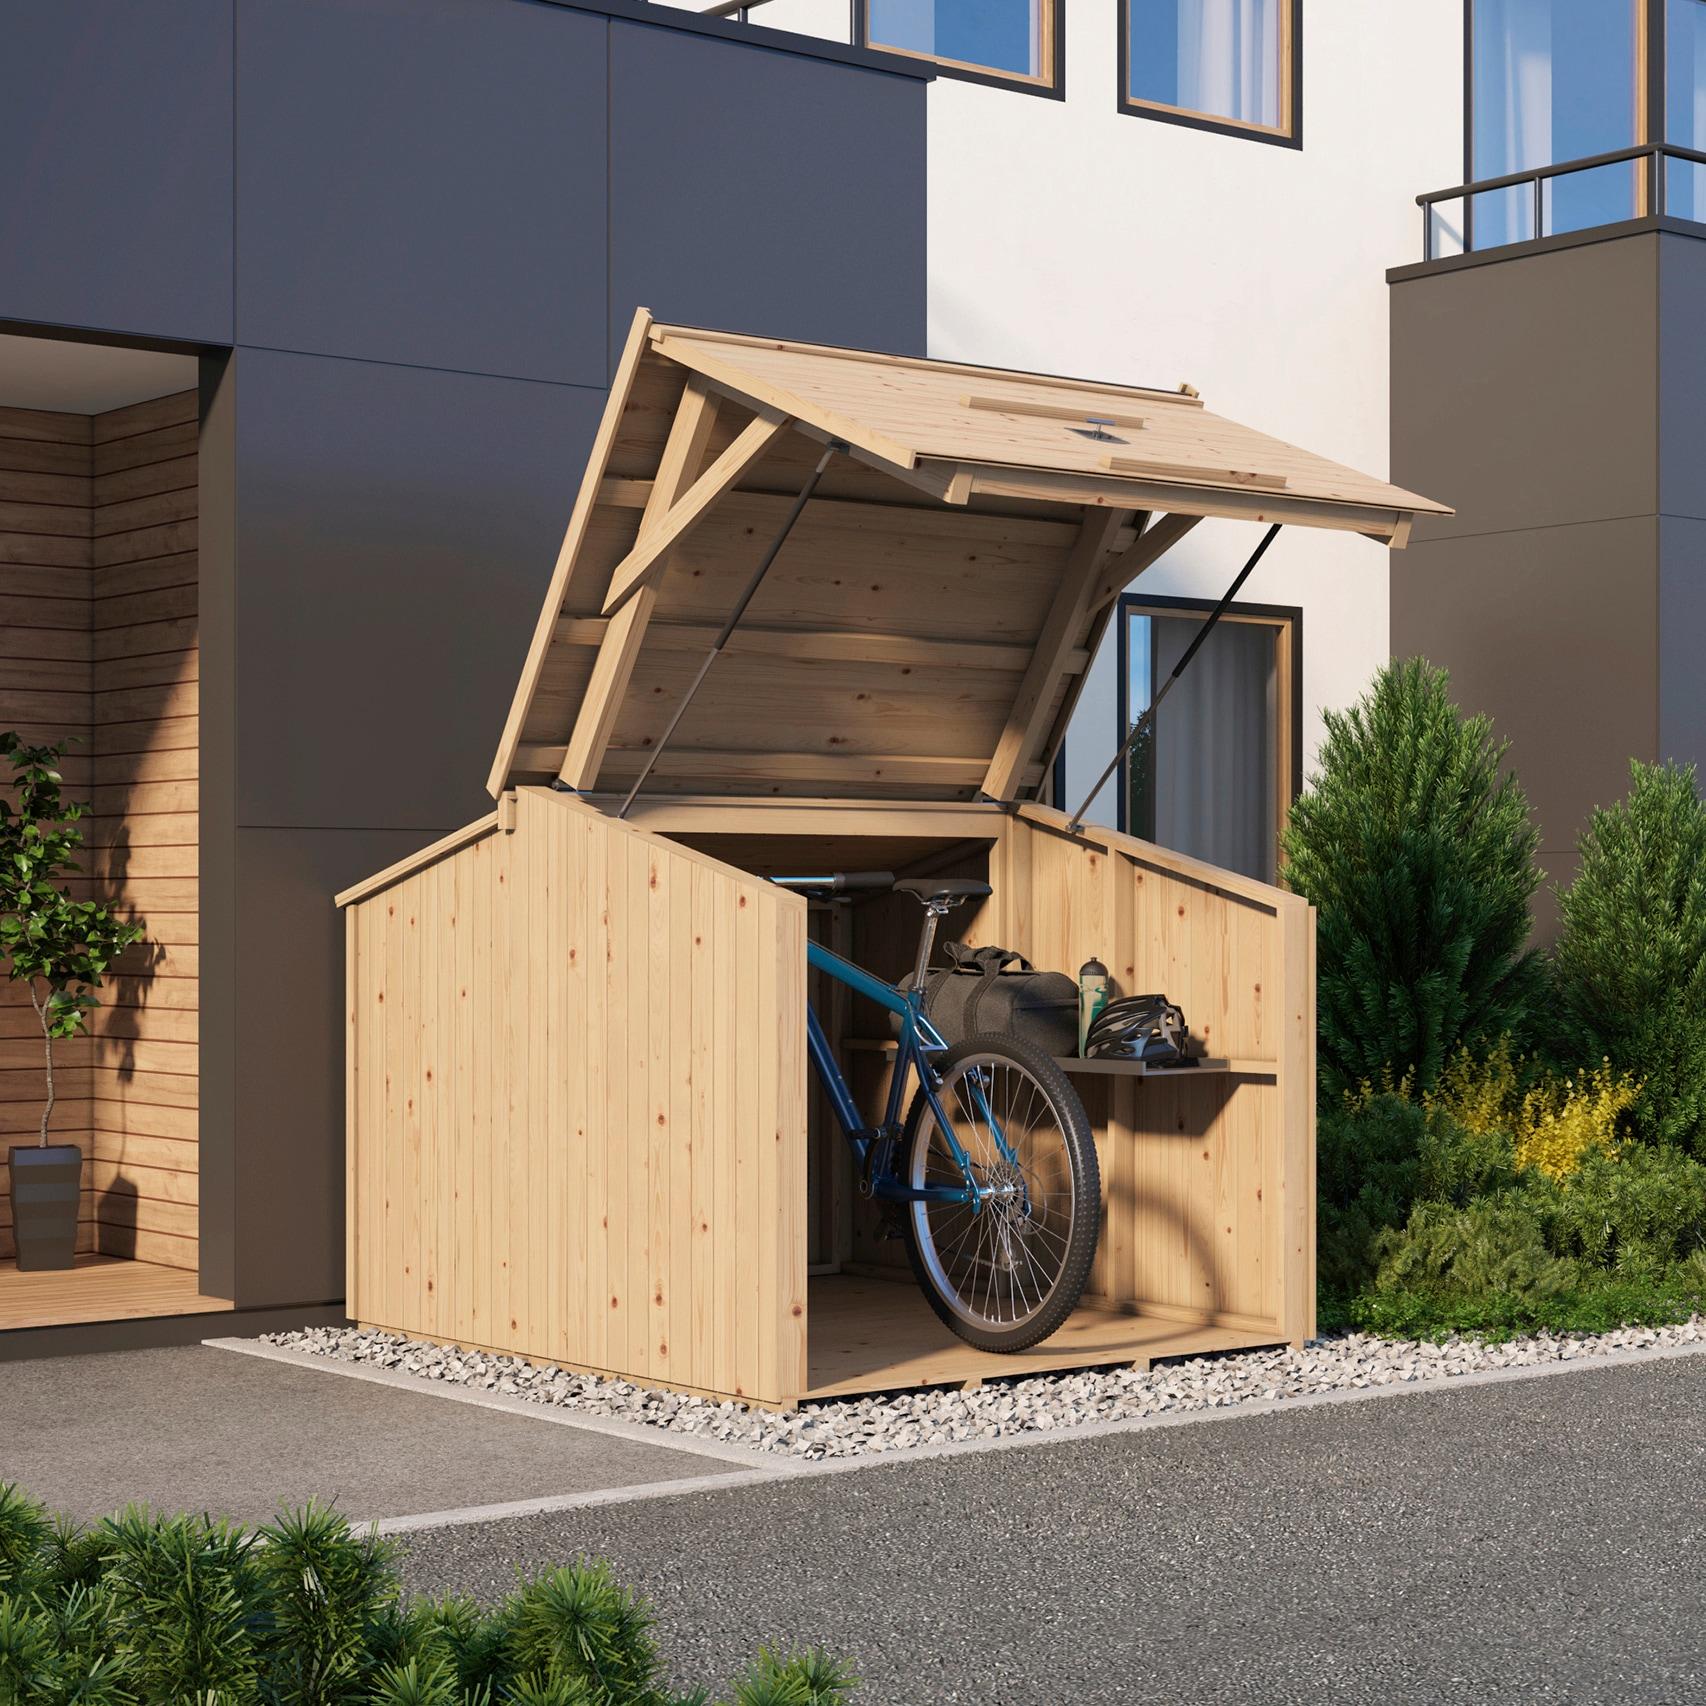 Nordic Holz Fahrradbox Bikebox, für 3 Fahrräder, BxTxH: 153x204x146 cm beige Garten- Kissenboxen Gartenmöbel Gartendeko